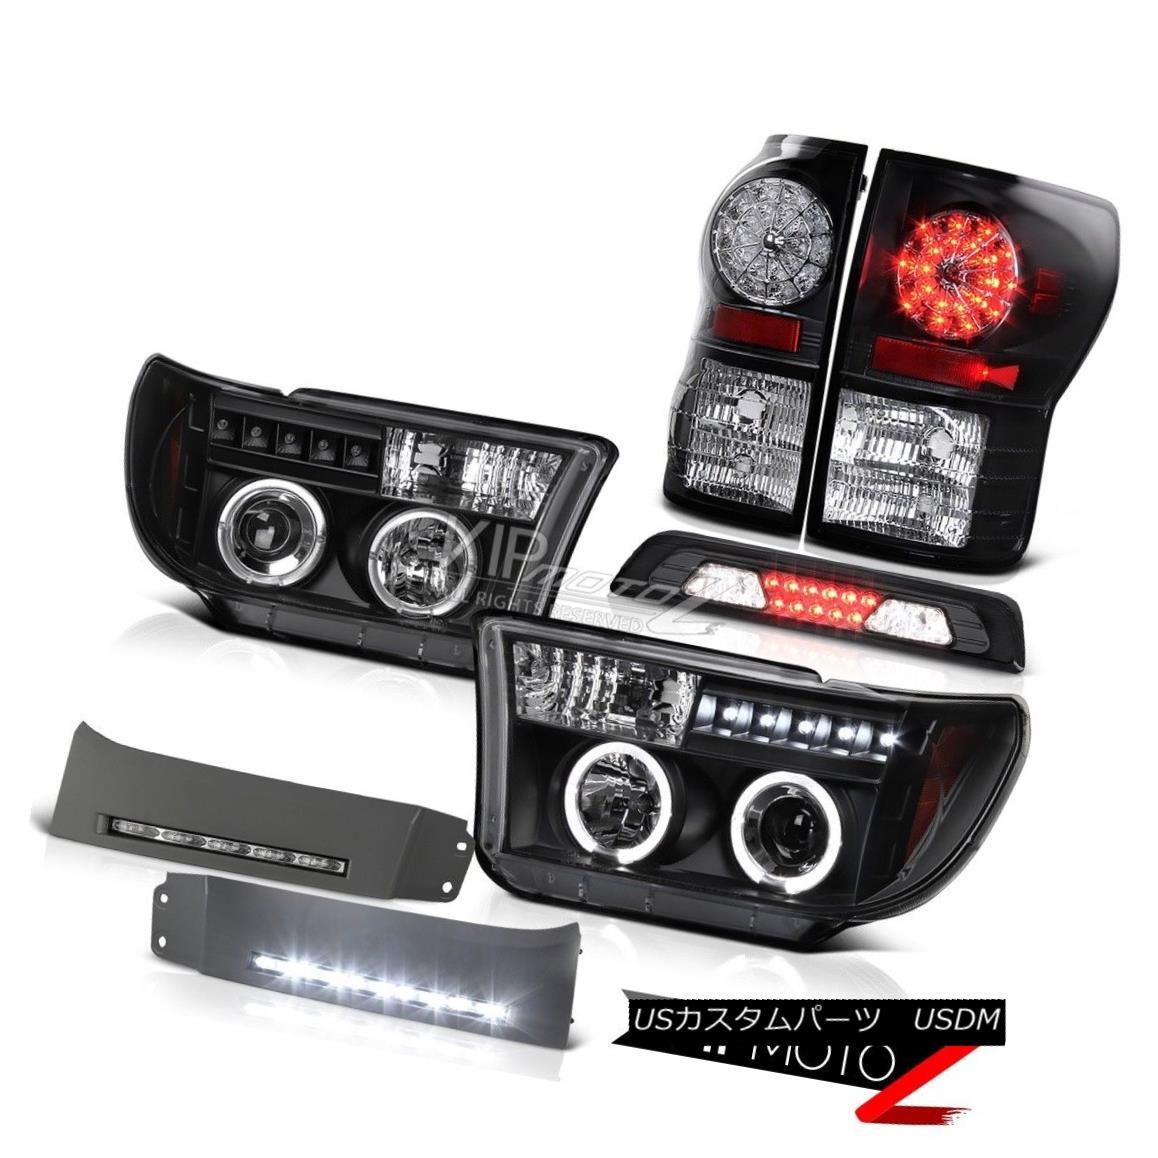 テールライト 2007-2013 Toyota Tundra SR5 DRL Strip 3RD Brake Light Headlights Taillamps LED 2007-2013 Toyota Tundra SR5 DRL Strip 3RDブレーキライトヘッドライトトライアングルLED